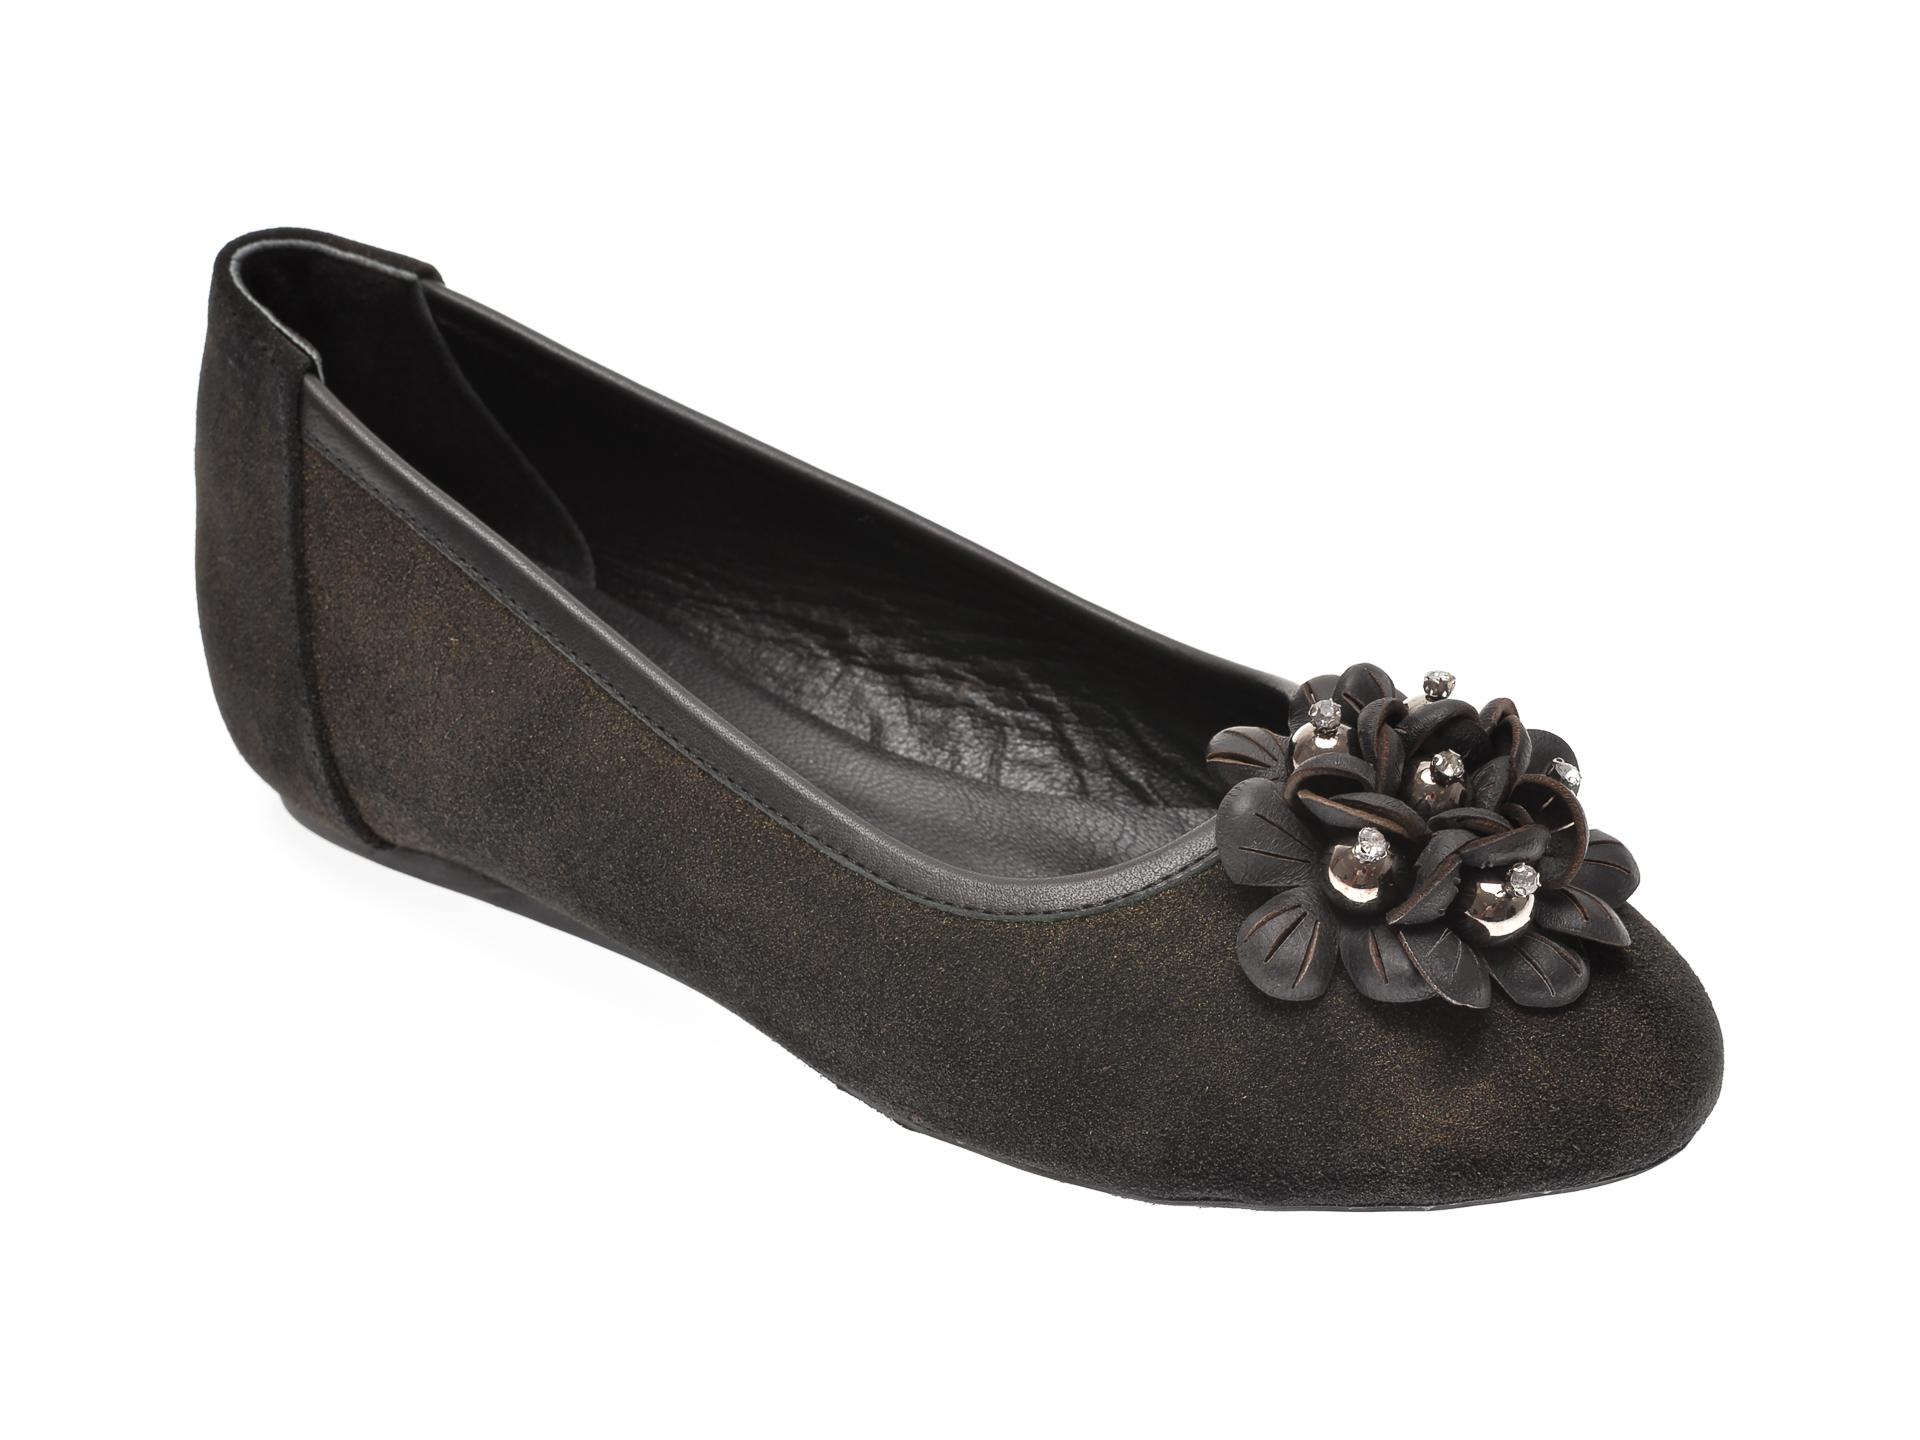 Pantofi MESSIMODA kaki, 18K1420, din piele intoarsa